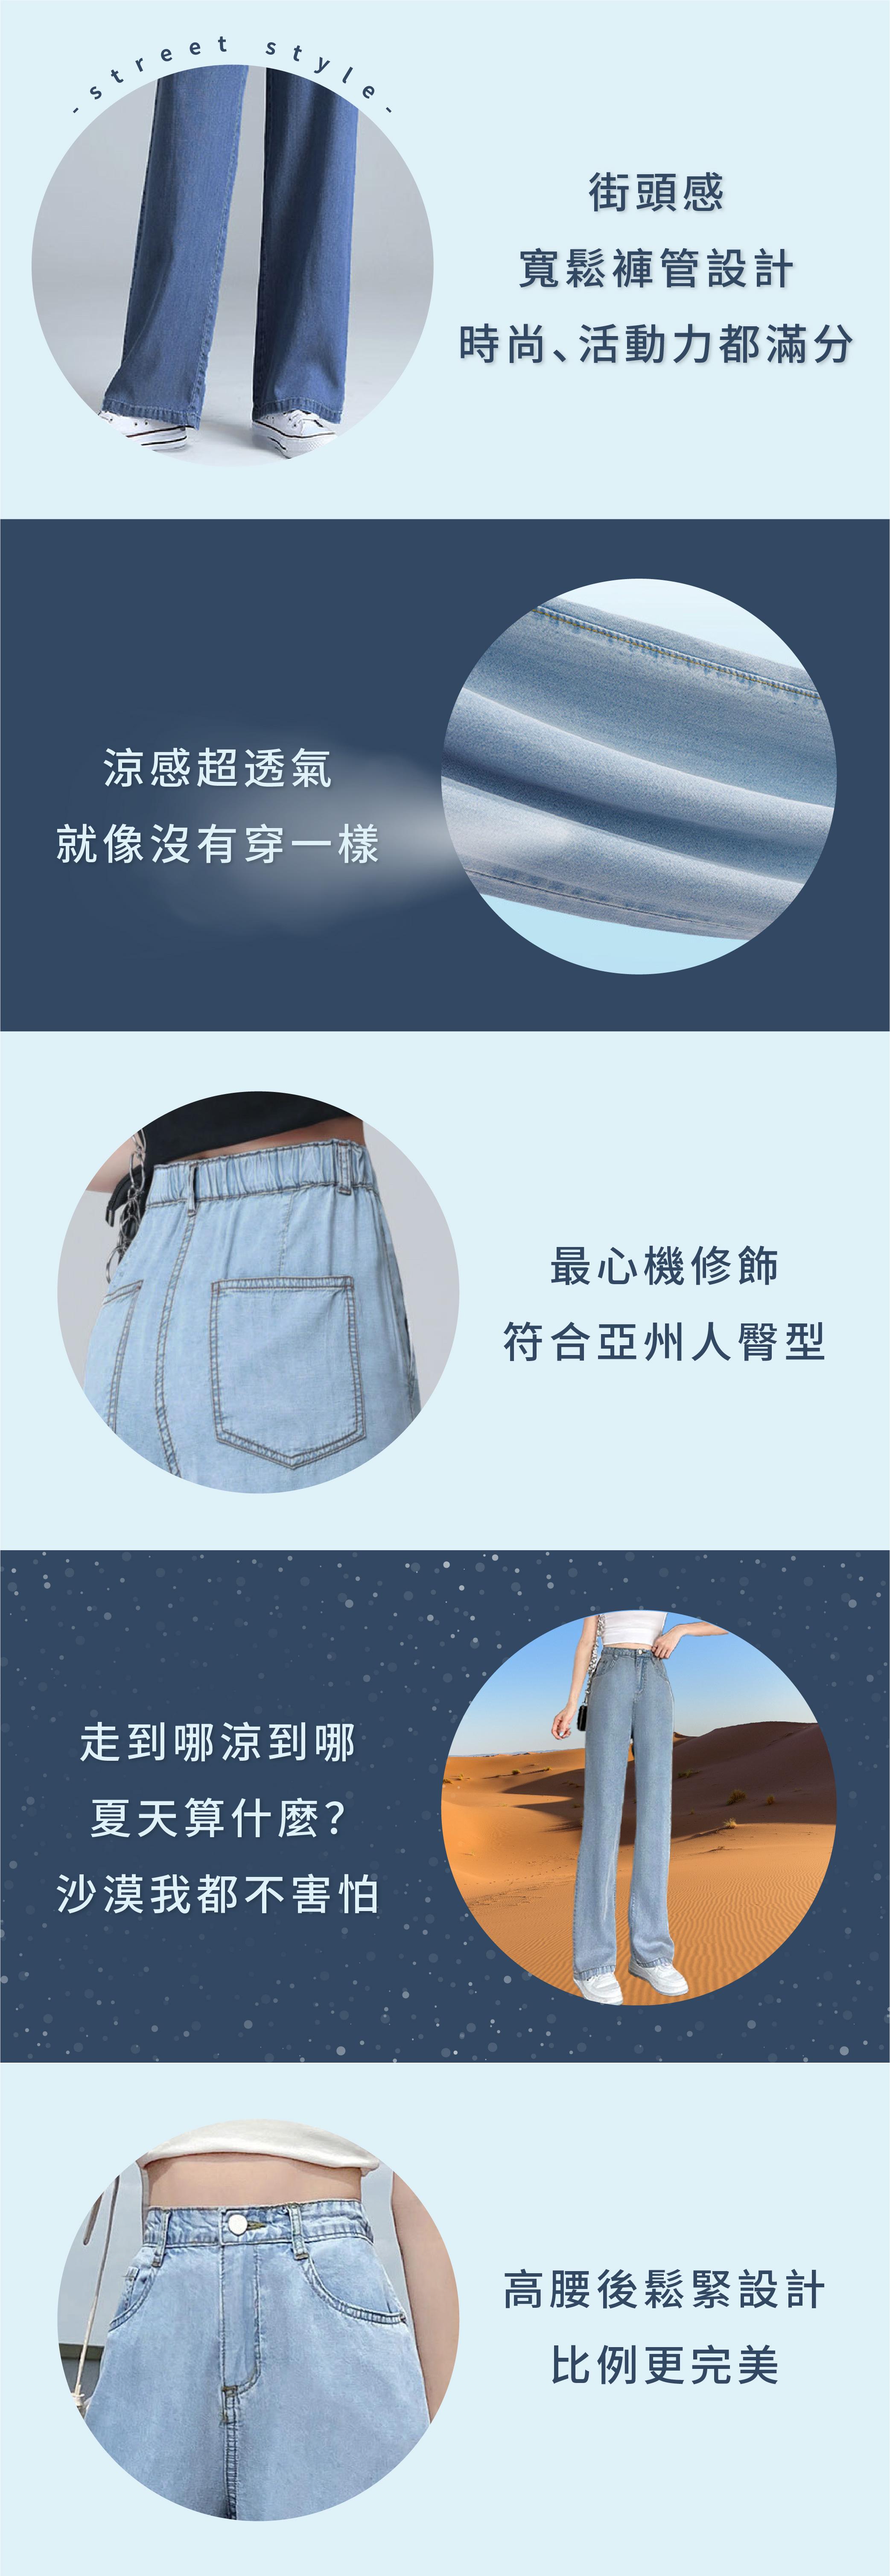 【冰凍系列】紙片人比例涼感牛仔褲